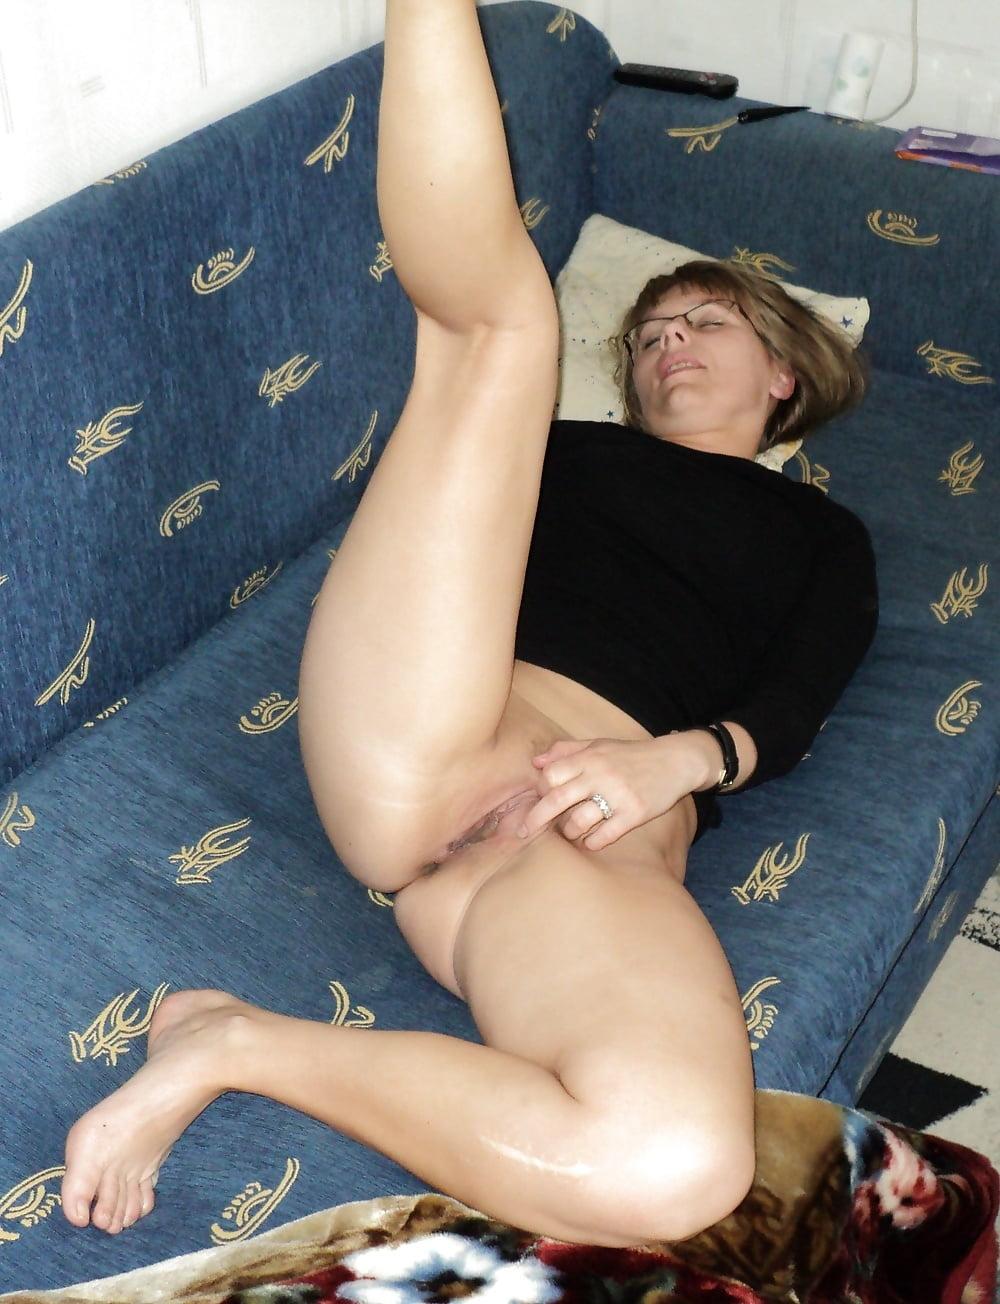 потаскуха курит лежа на диване обнаженной - 4